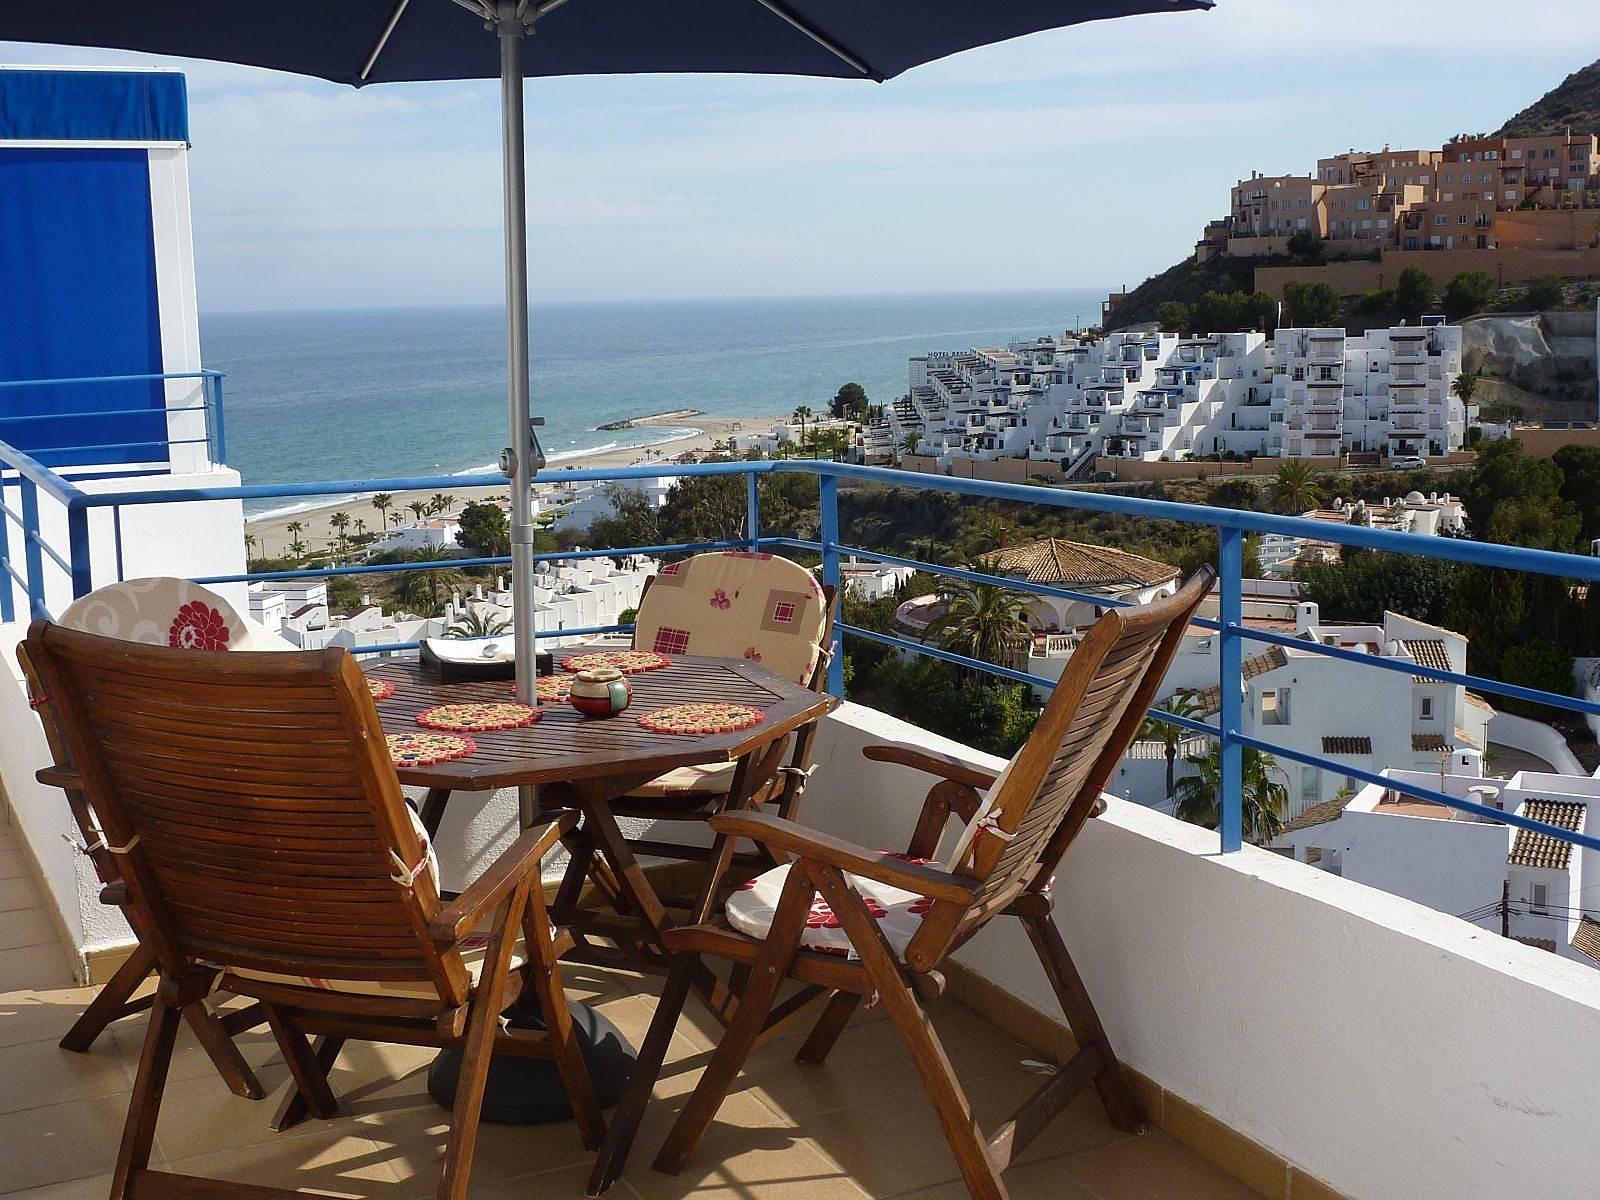 Apartamento en alquiler a 500 m de la playa ventanicas el cantal moj car almer a costa de - Apartamentos alquiler mojacar ...